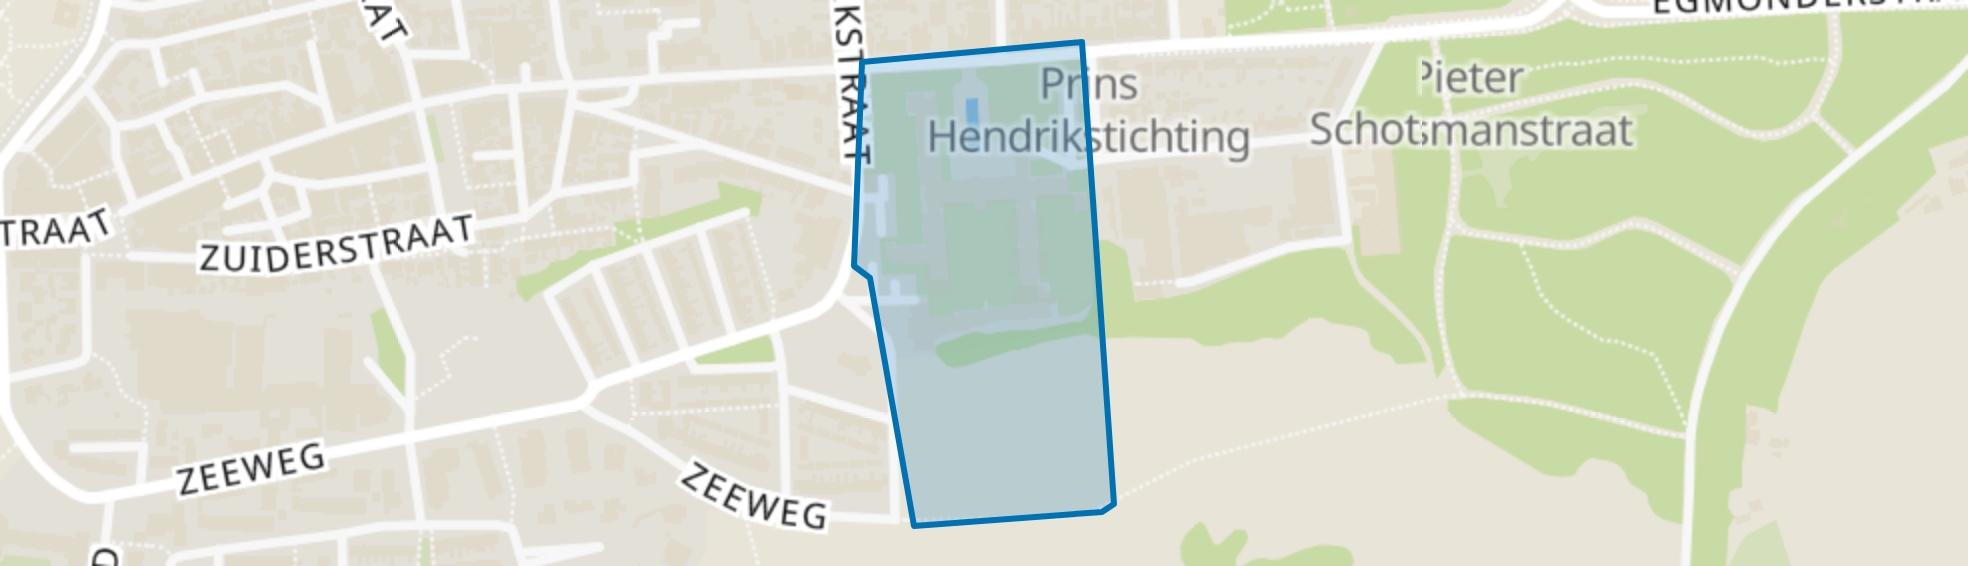 Prins Hendrik Stichting, Egmond aan Zee map